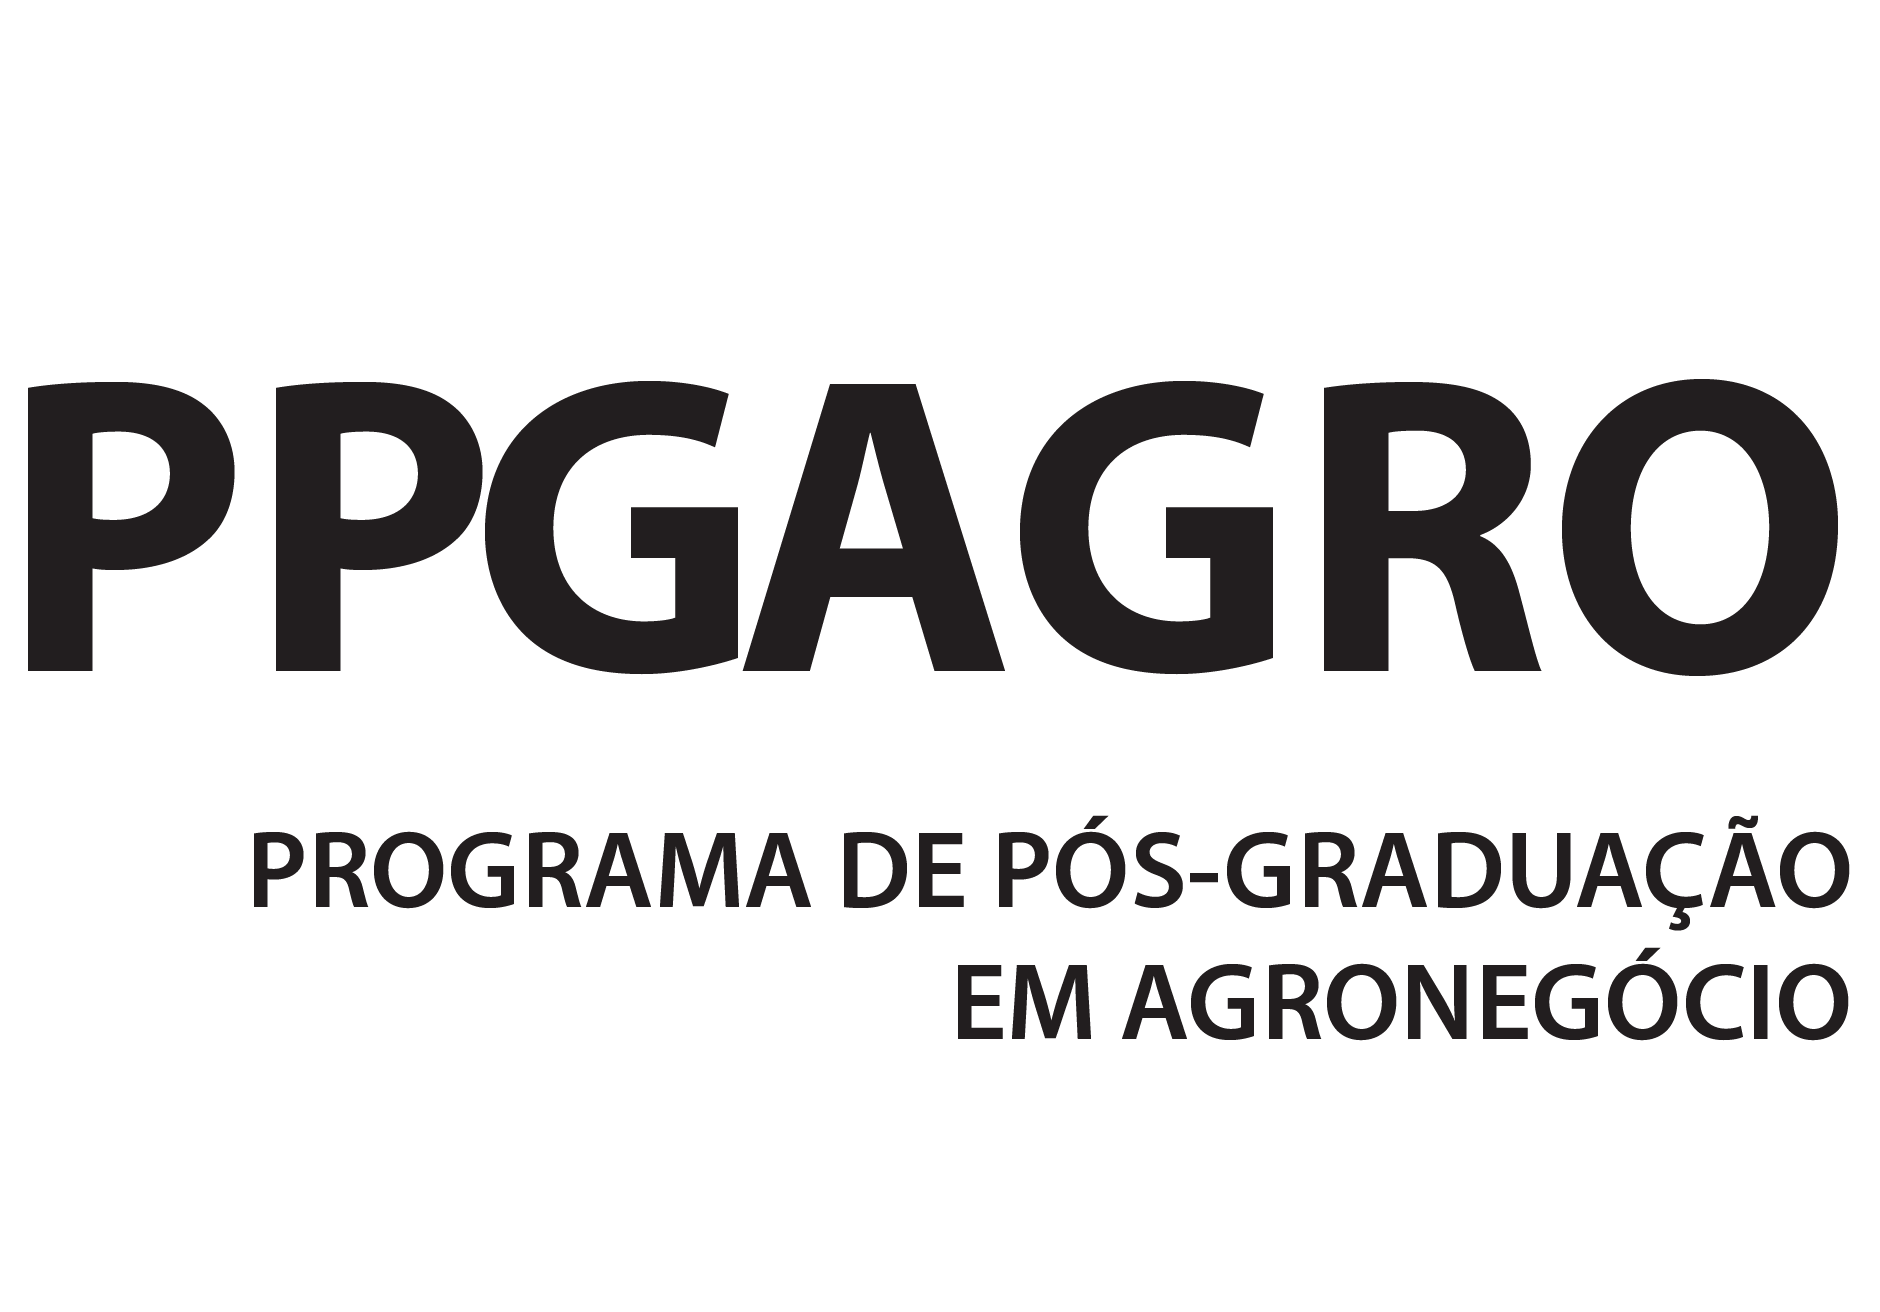 LOGO PPGAGRO